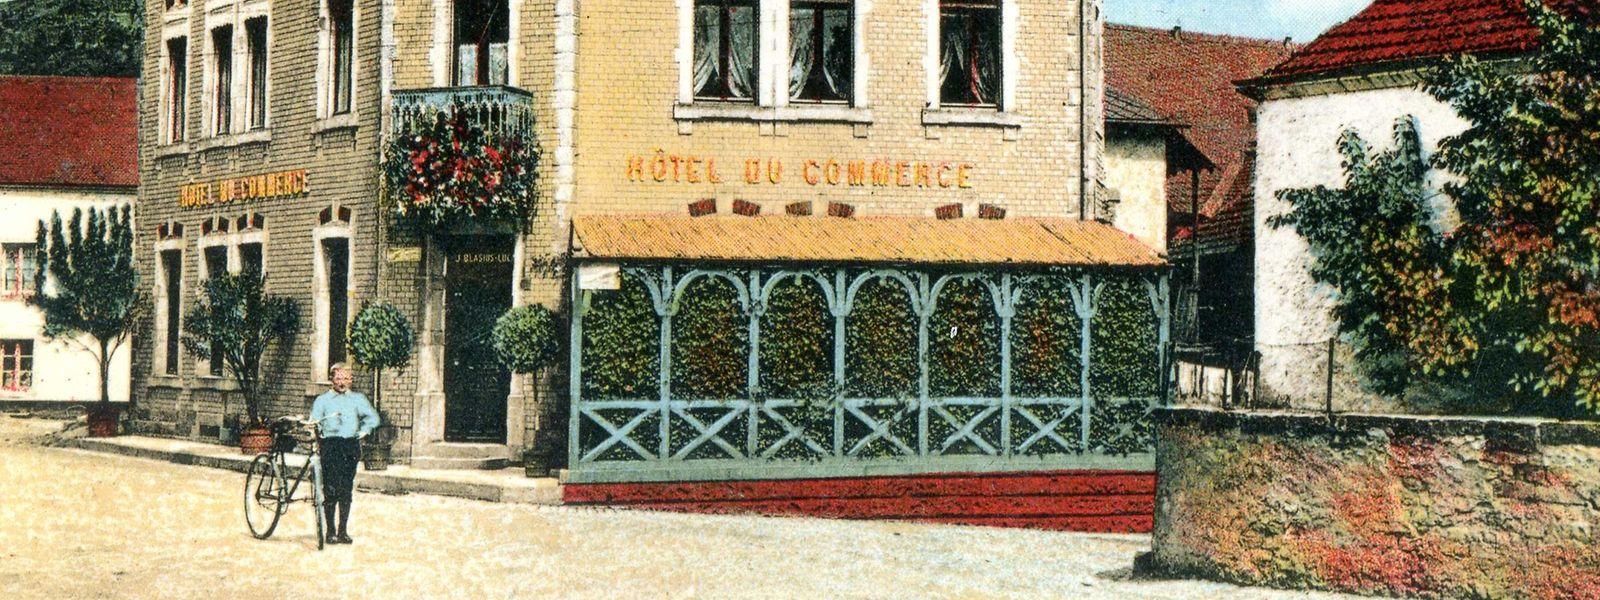 Gastwirt Hennes Blasius 1918 mit einem topmodernen Fahrrad. Rechts, gegenüber dem Hotel, ist seine Brennerei zu sehen.